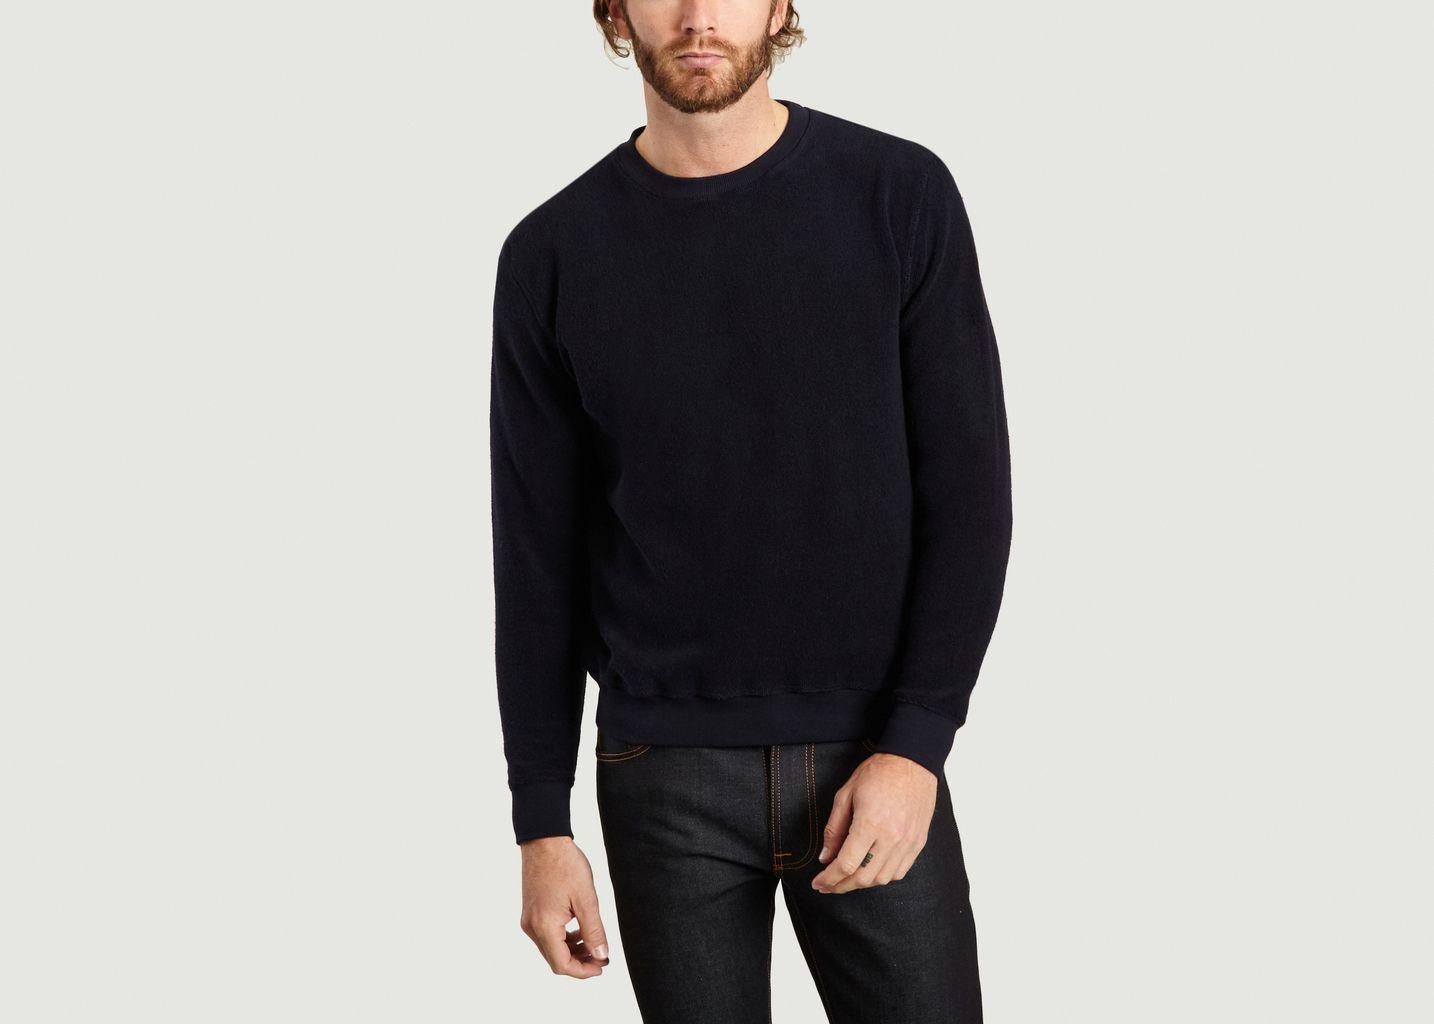 Sweatshirt Héritage - Armor Lux